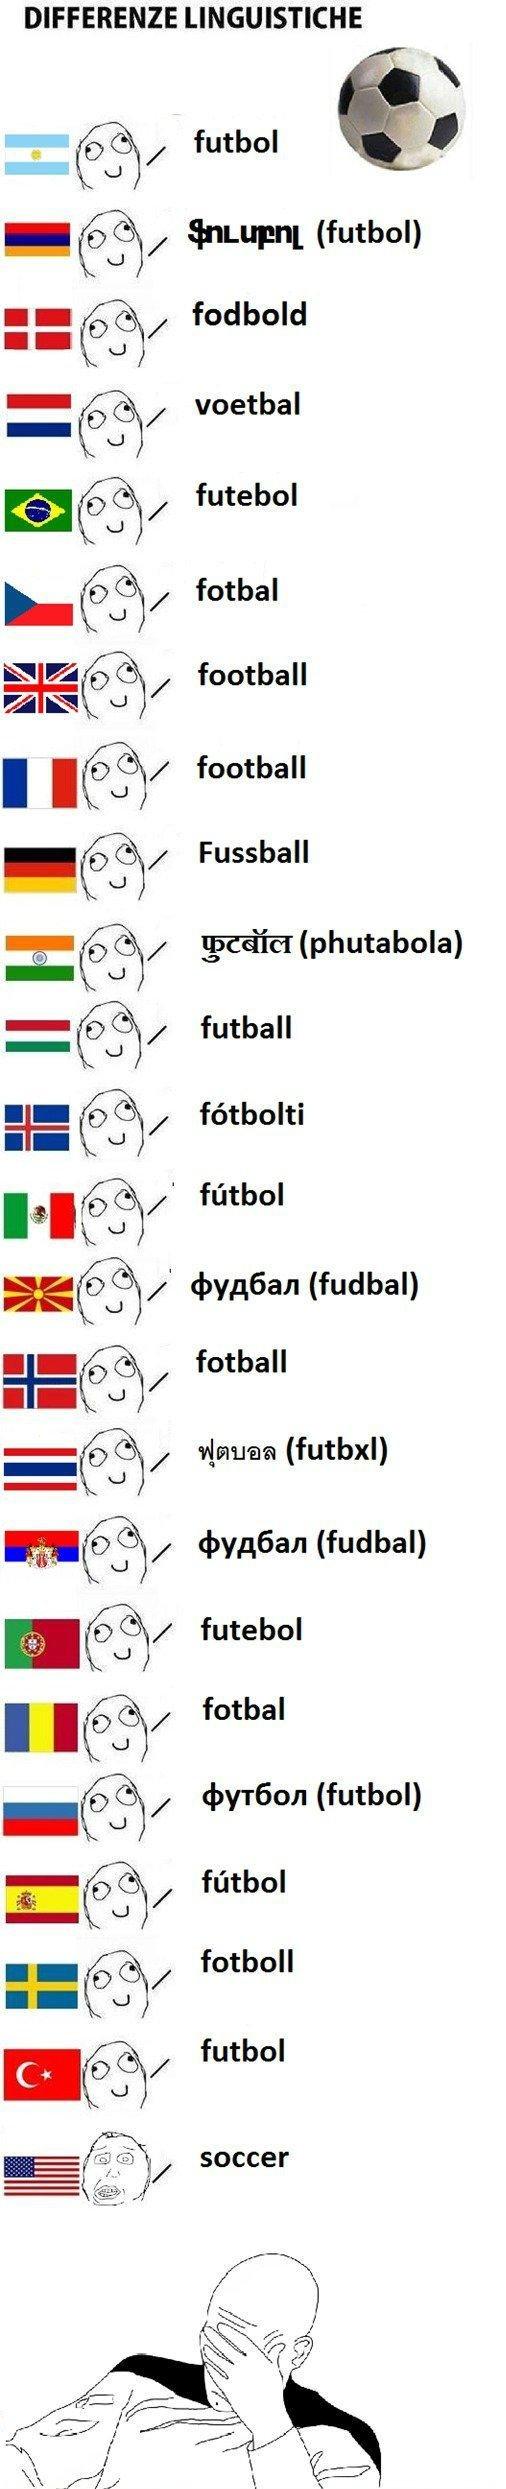 """soc-ball. . ii"""" liie) ''' voetbal niiga( """" clii) ' futebol iii, i., iii' tr' -kiitti"""" ) ypr football F iti no I iij) ypr' , Ian( futbal) futebol futbal futbol)  football soccer"""